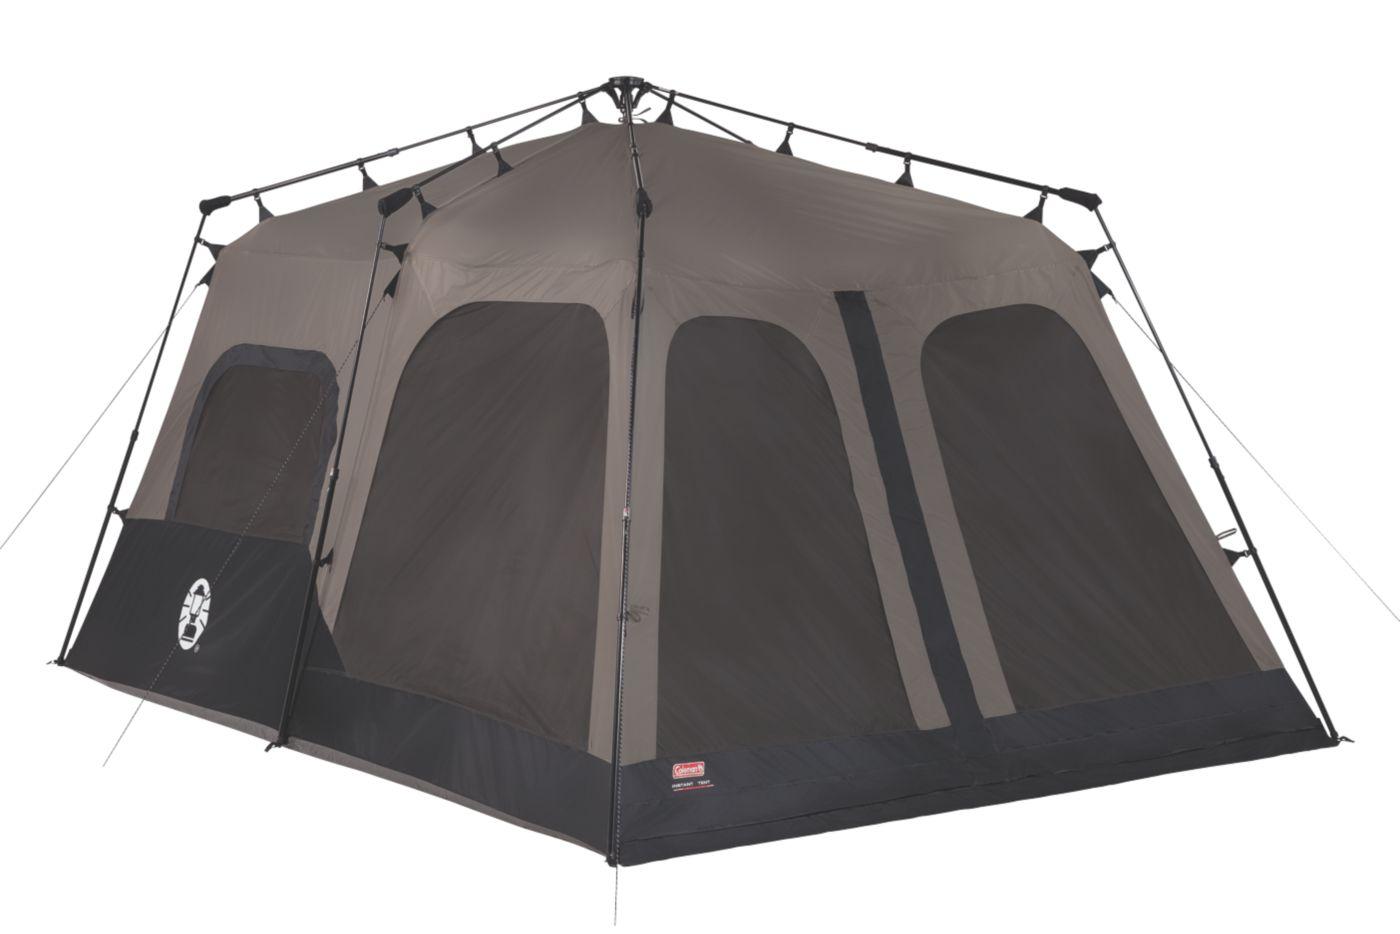 8-Person Instant Tent  sc 1 st  Coleman & Instant Pop Up Tents | Coleman